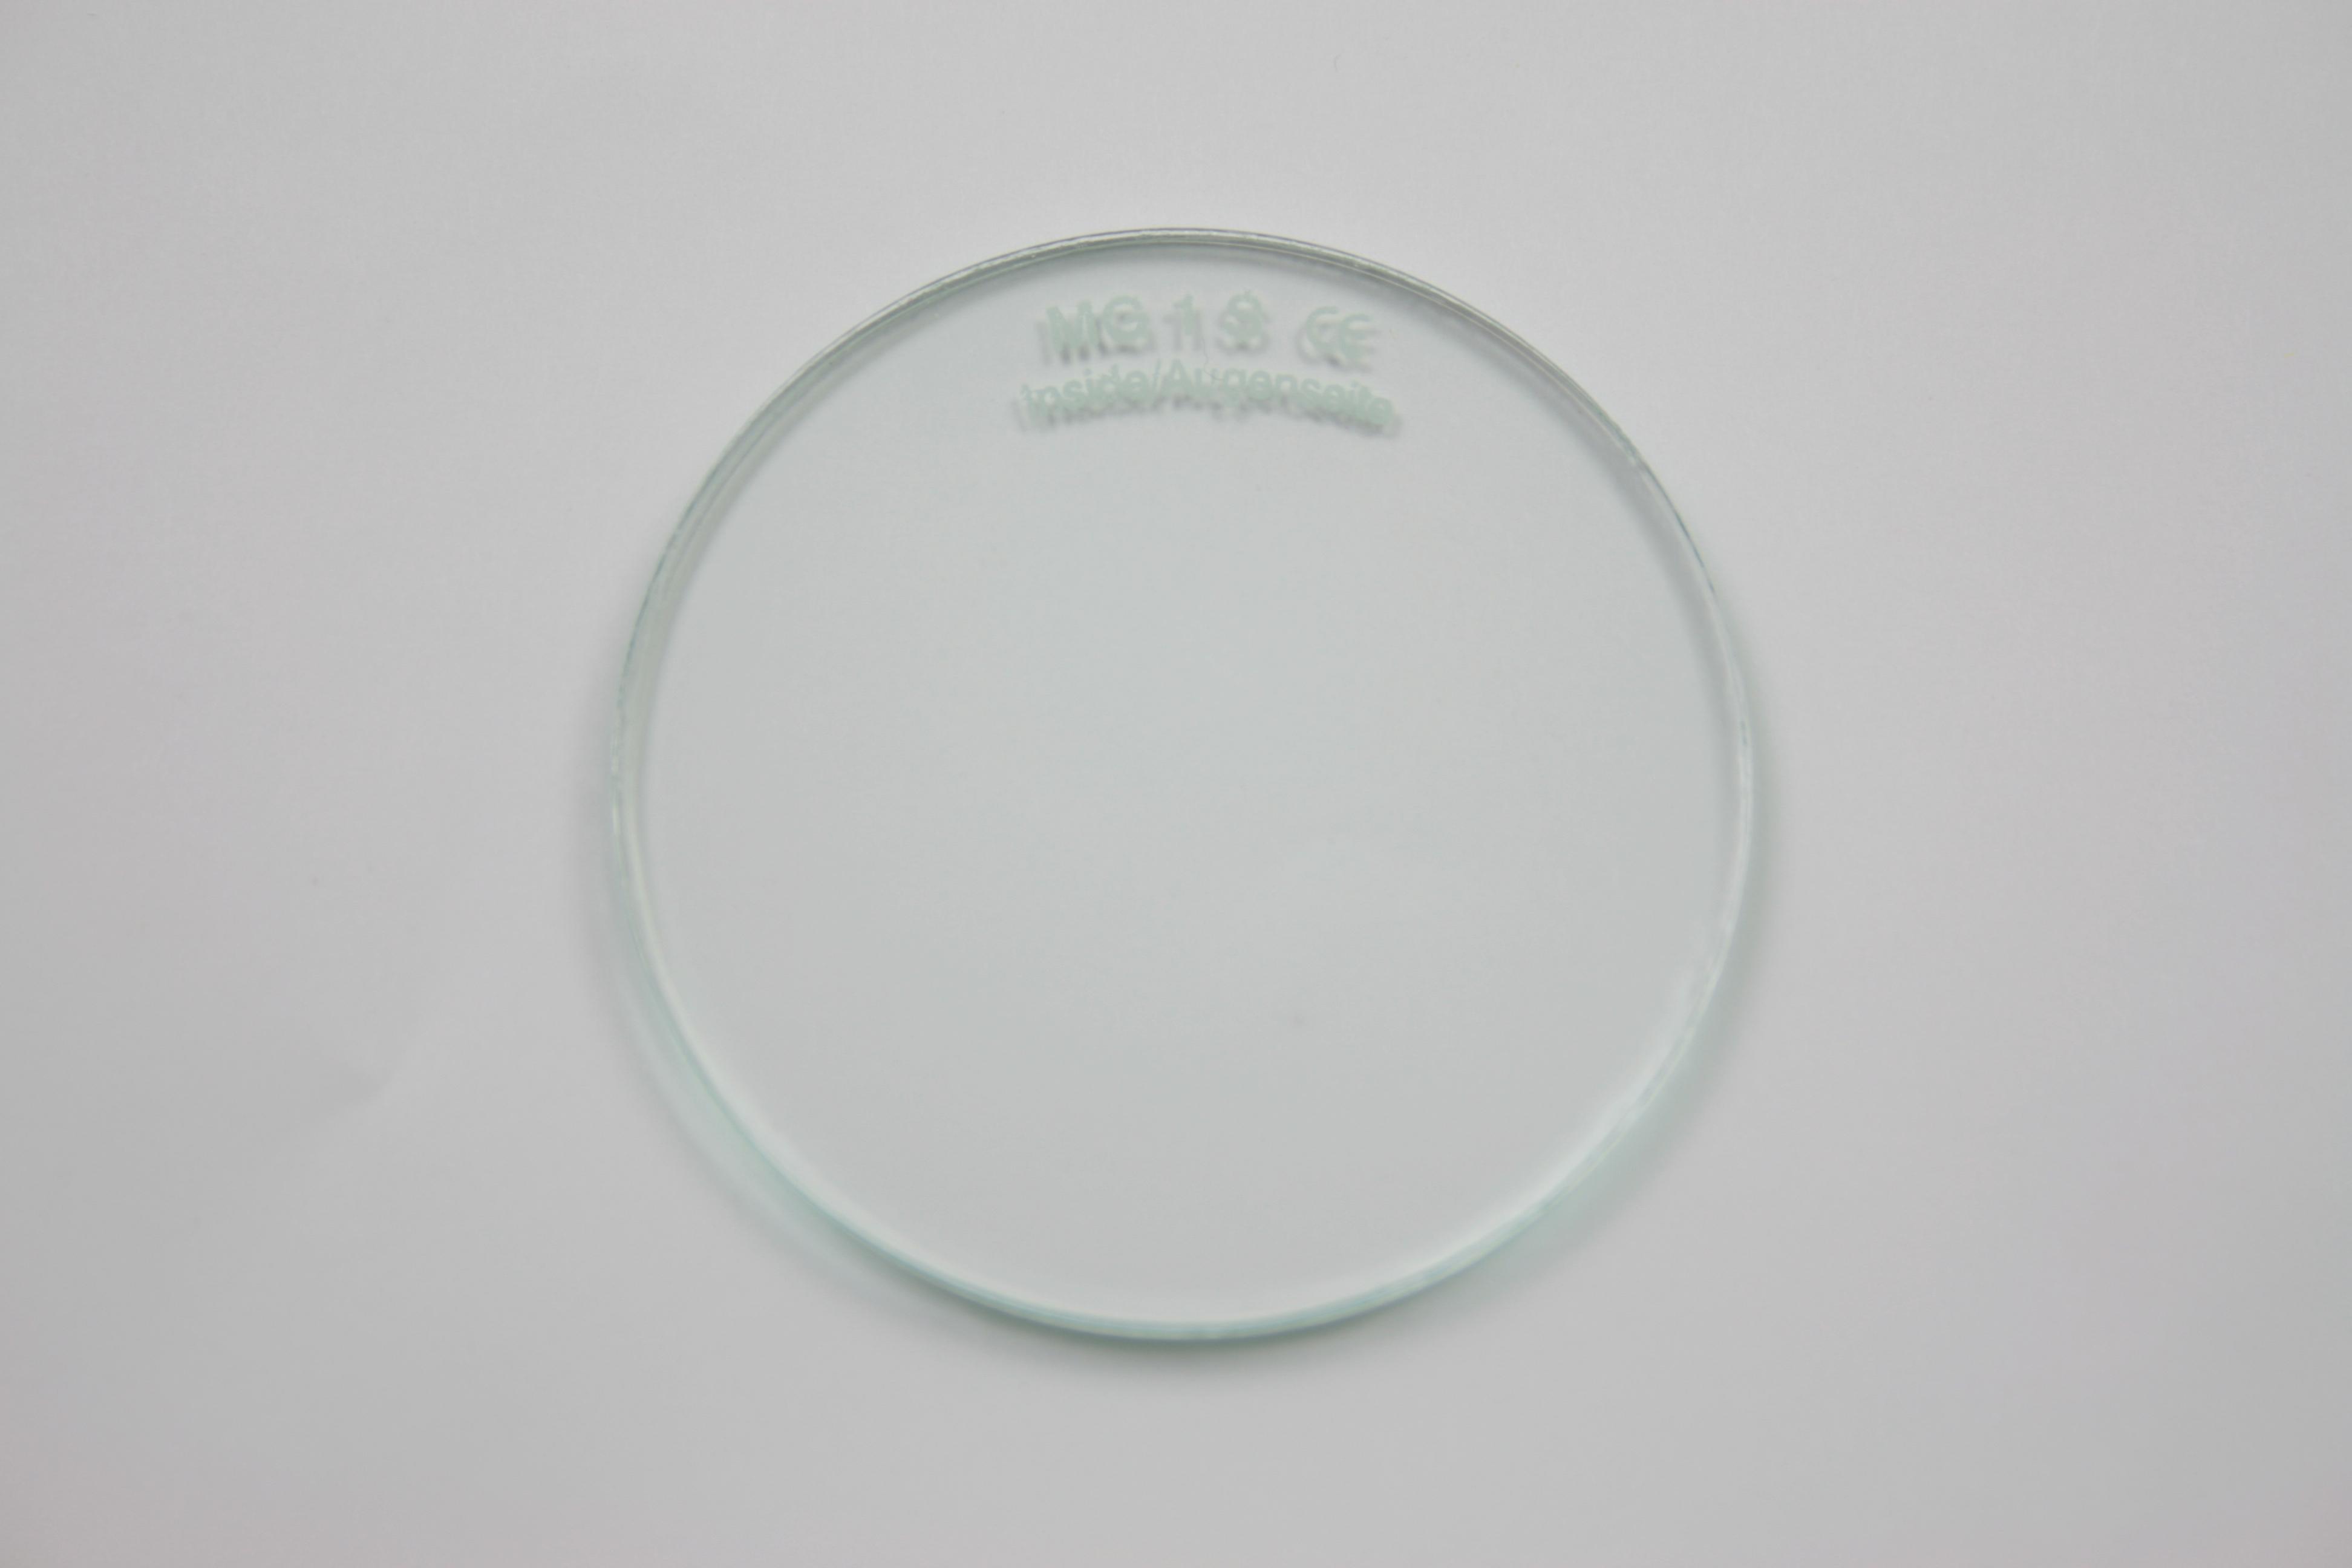 2x Brillenglas Brillengläser klar rund Ø 60mm Verbundglas splitterfrei  #